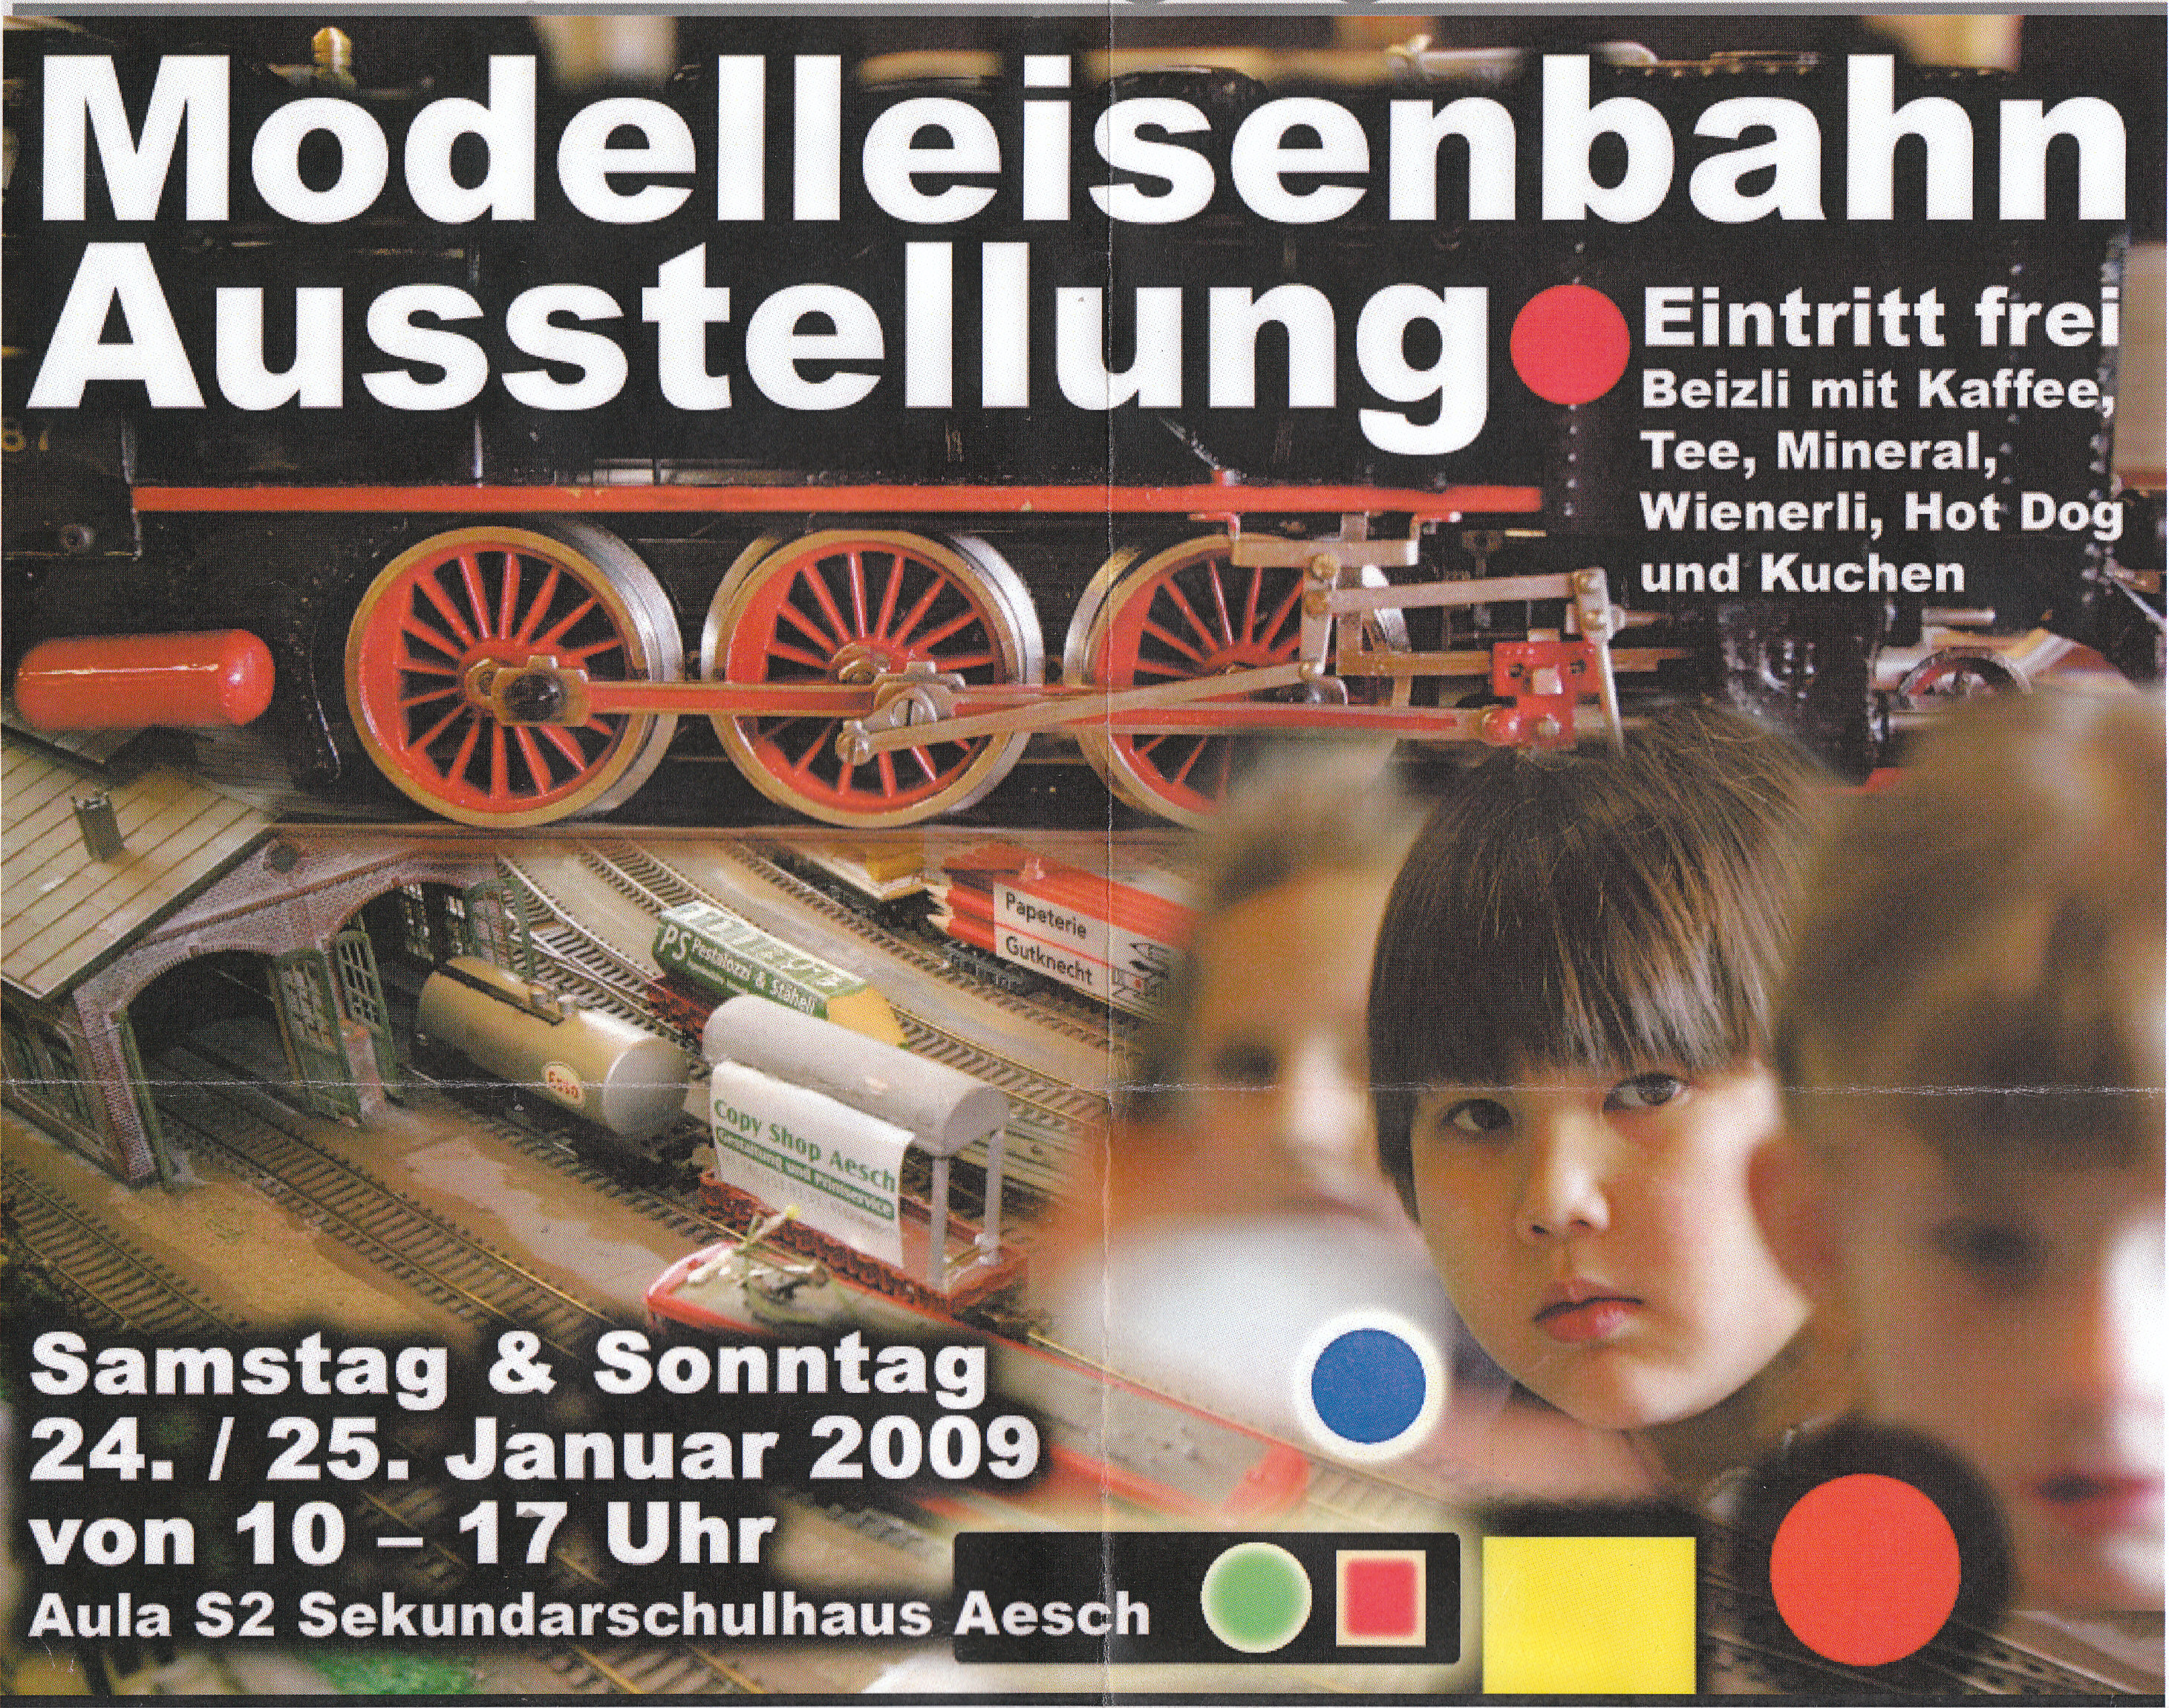 2009 Modellbahn Ausstellung MSA Aesch